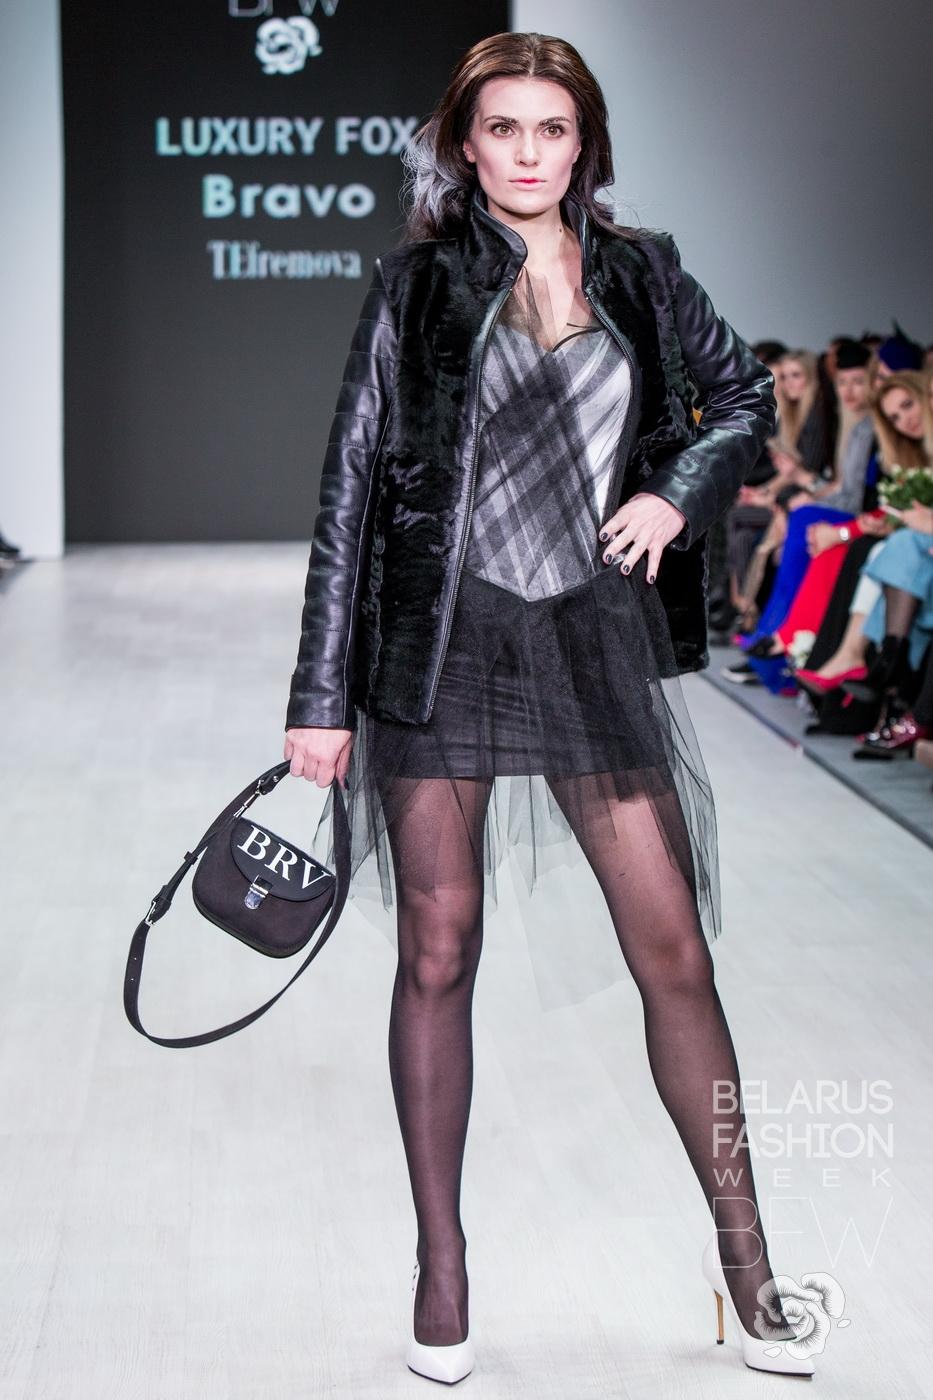 T.Efremova Belarus Fashion Week FW 2019-20